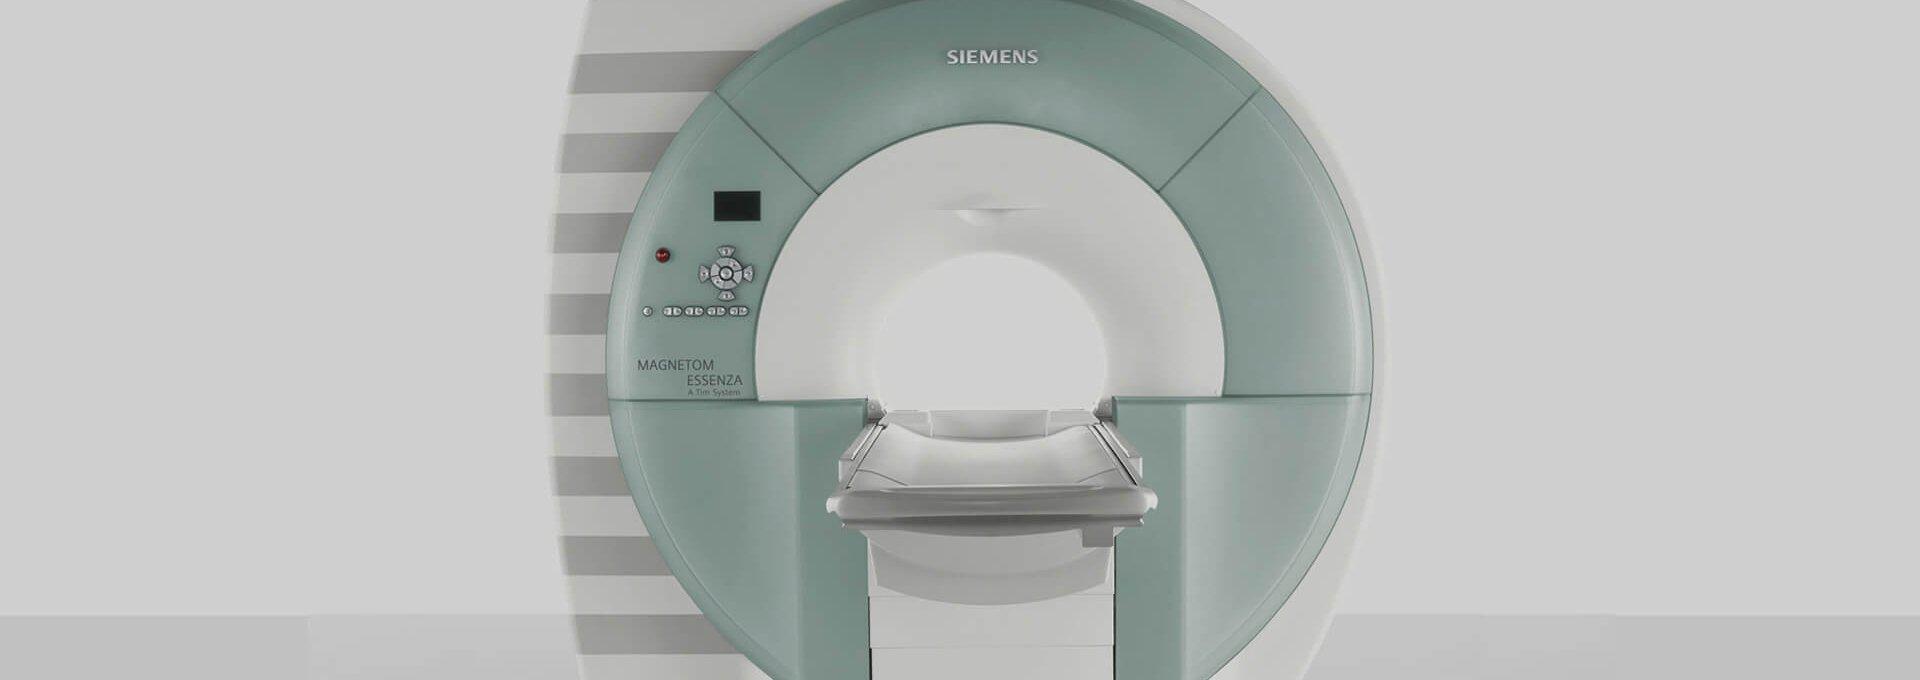 Kernspintomographie im Radiologisches Zentrum in Höchstadt